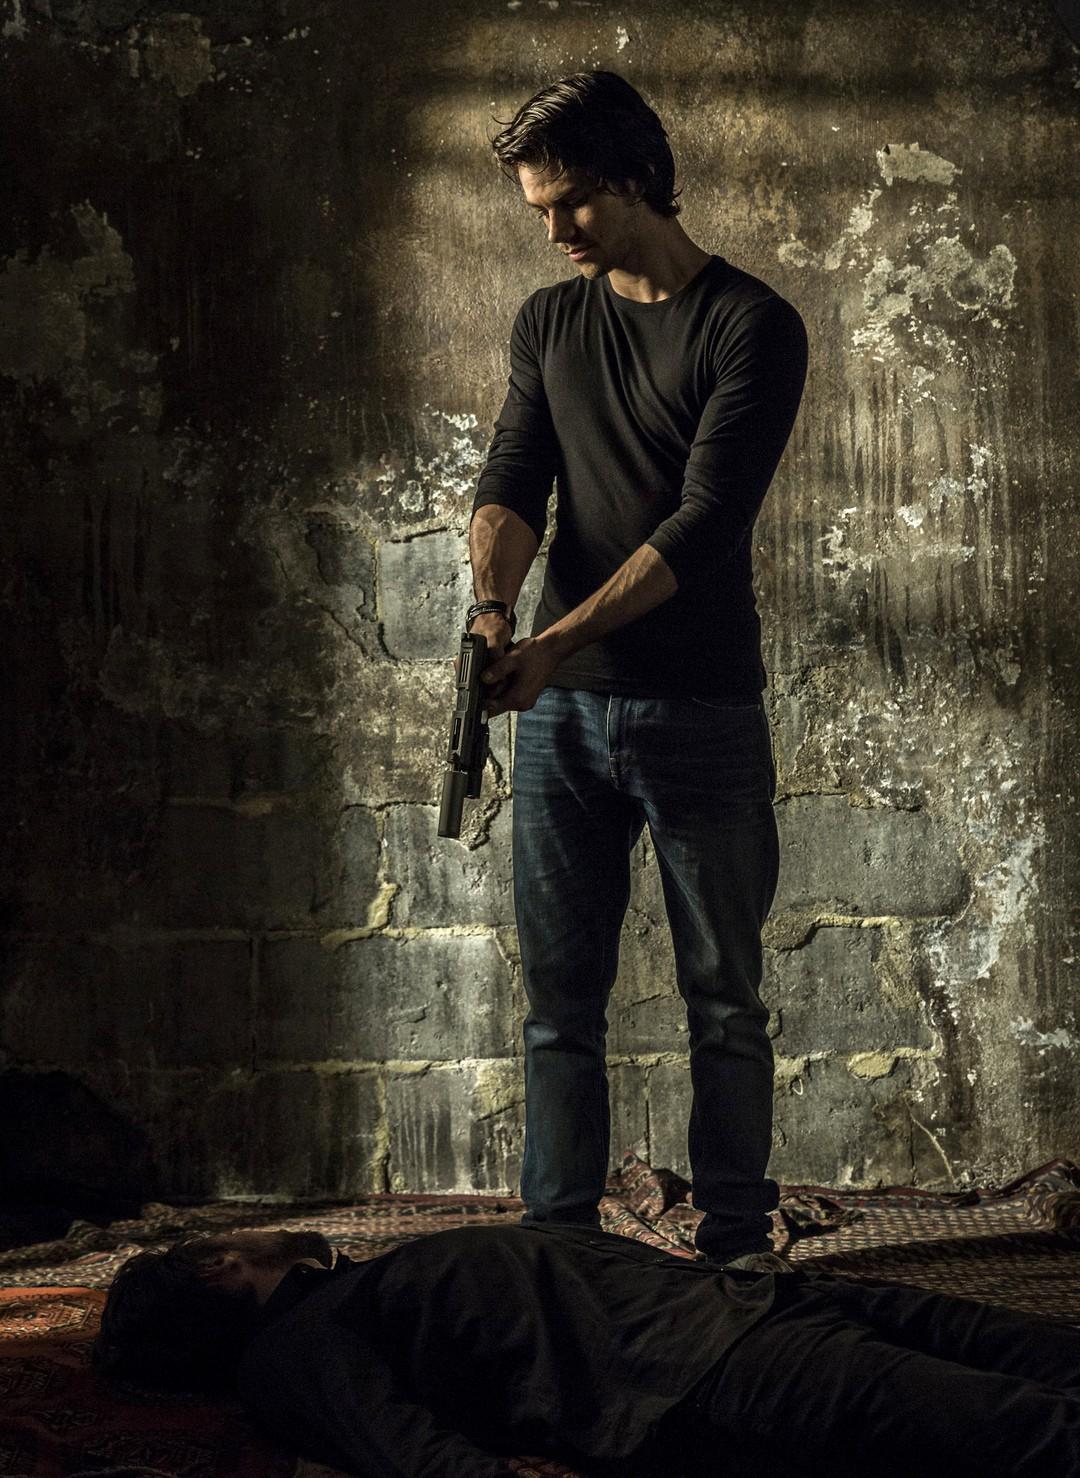 Dylan OBrien als Killer-Azubi im brandneuen Trailer zu American Assassin - Bild 1 von 8